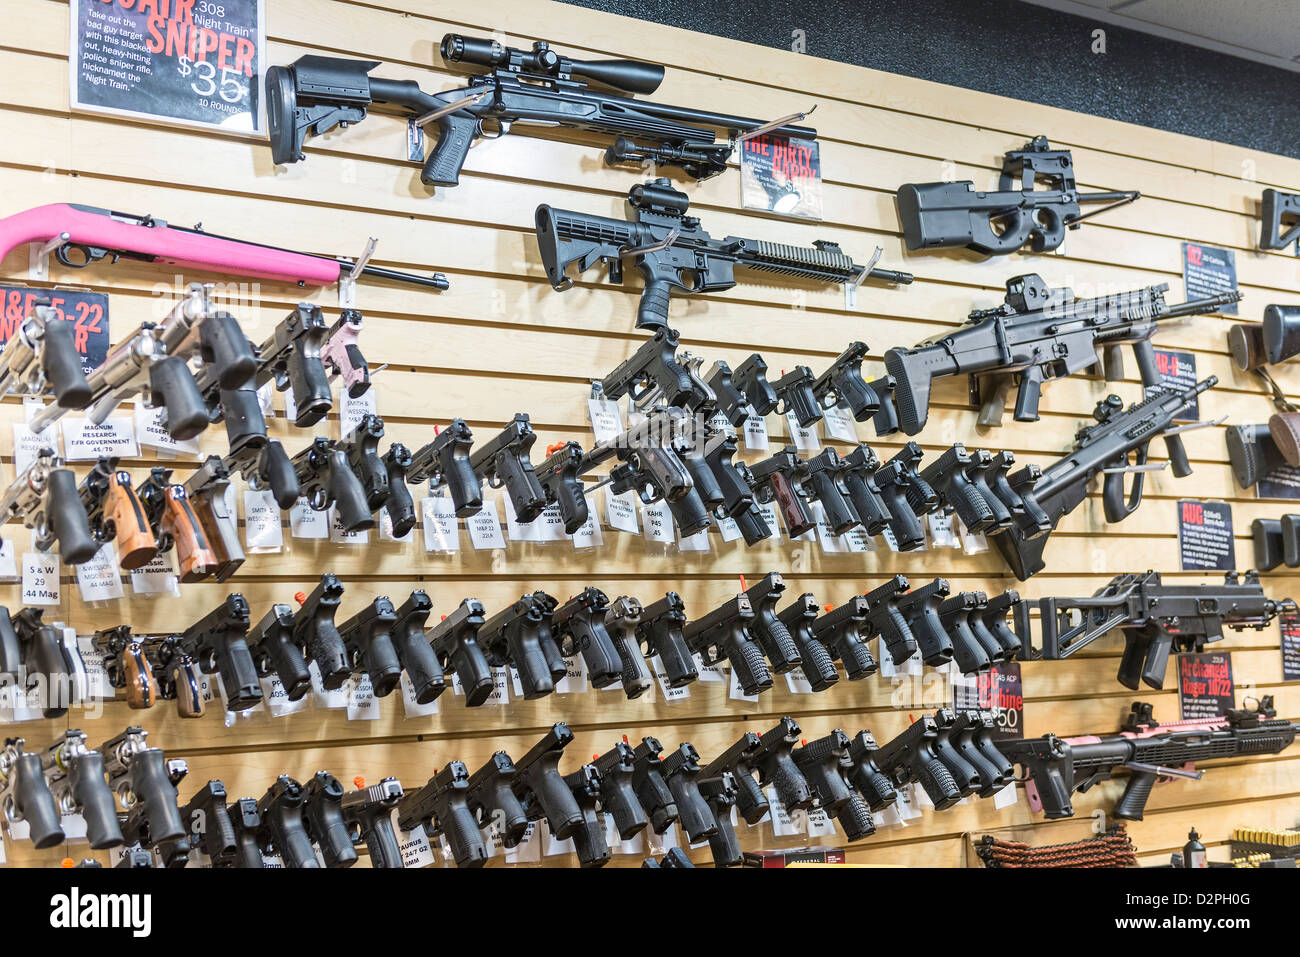 Una grande varietà di pistole, fucili e armi in un negozio di pistola. Immagini Stock